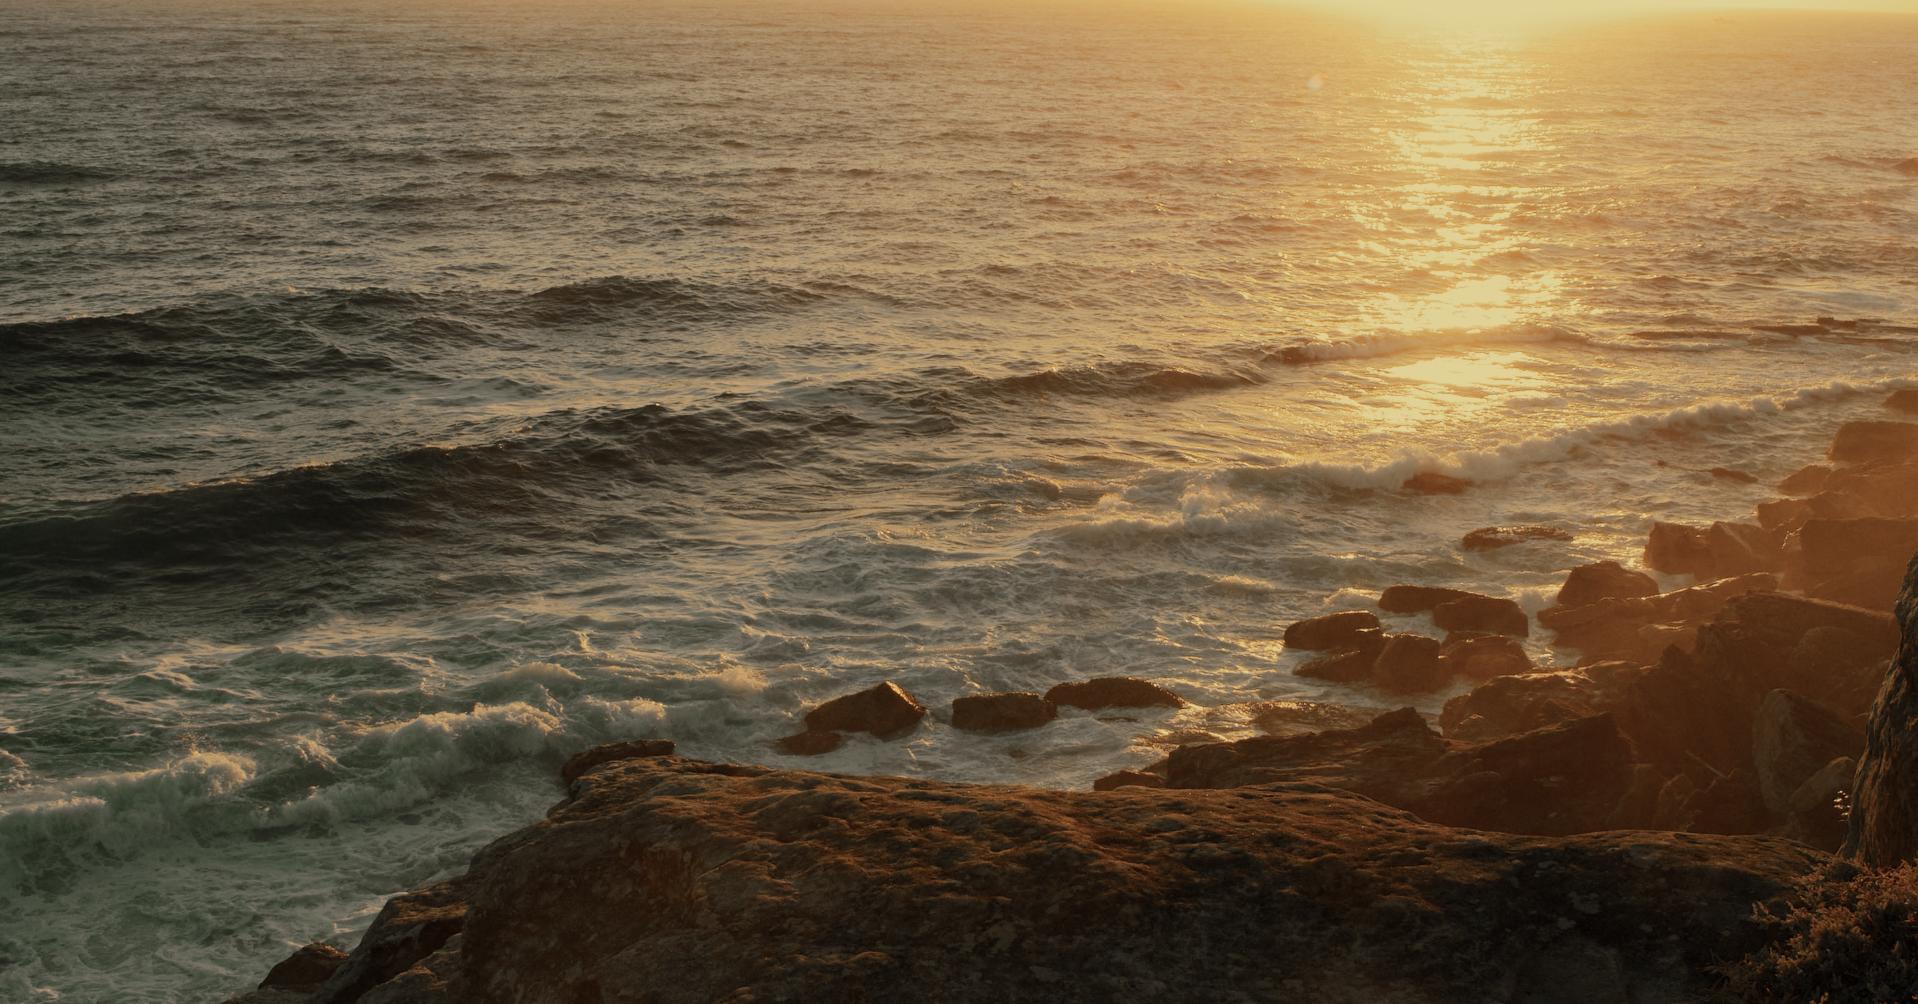 Screen Shot 2014-01-16 at 7.46.06 AM.png